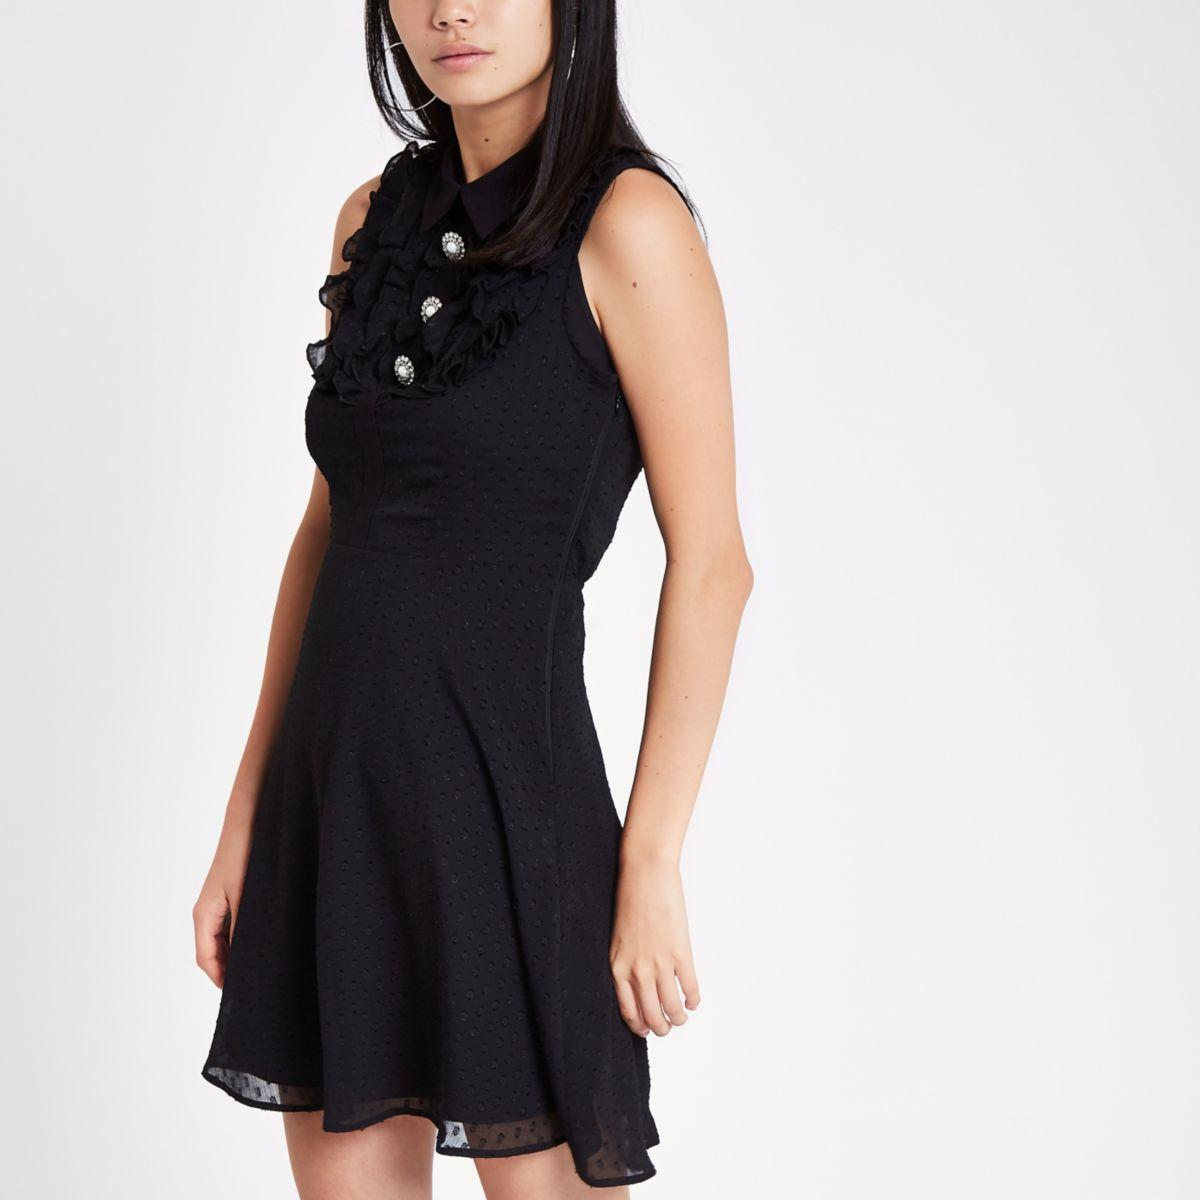 Black diamante button occasion mini dress